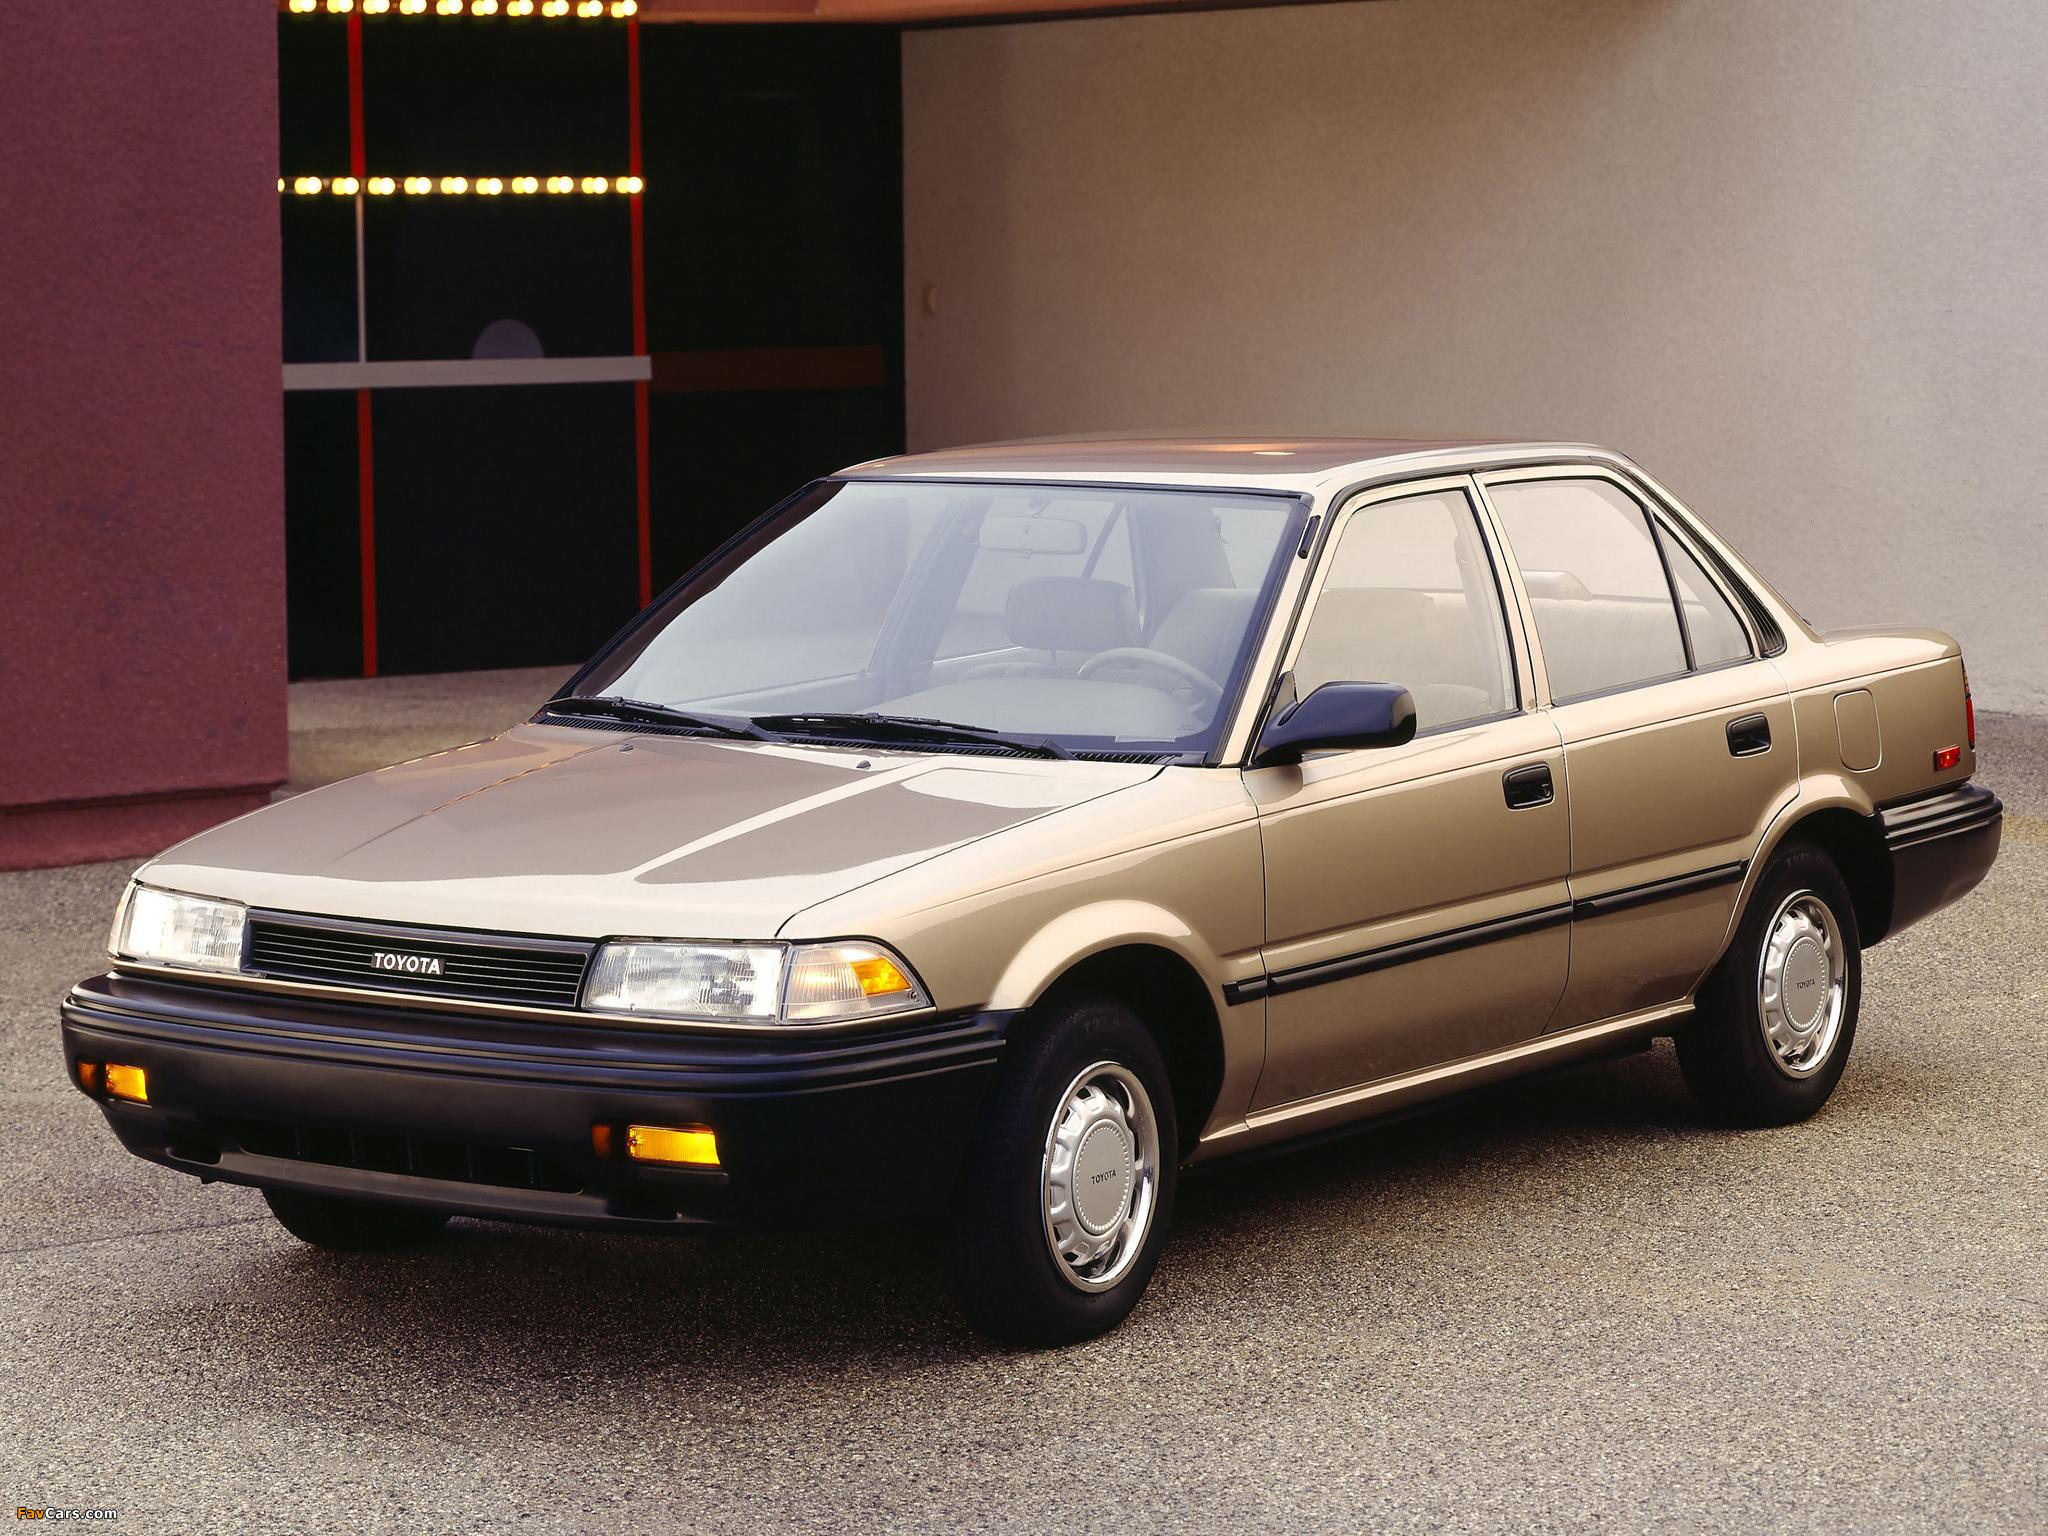 Toyota Corolla Sedan Deluxe Us Spec 1987 91 Photos 2048x1536